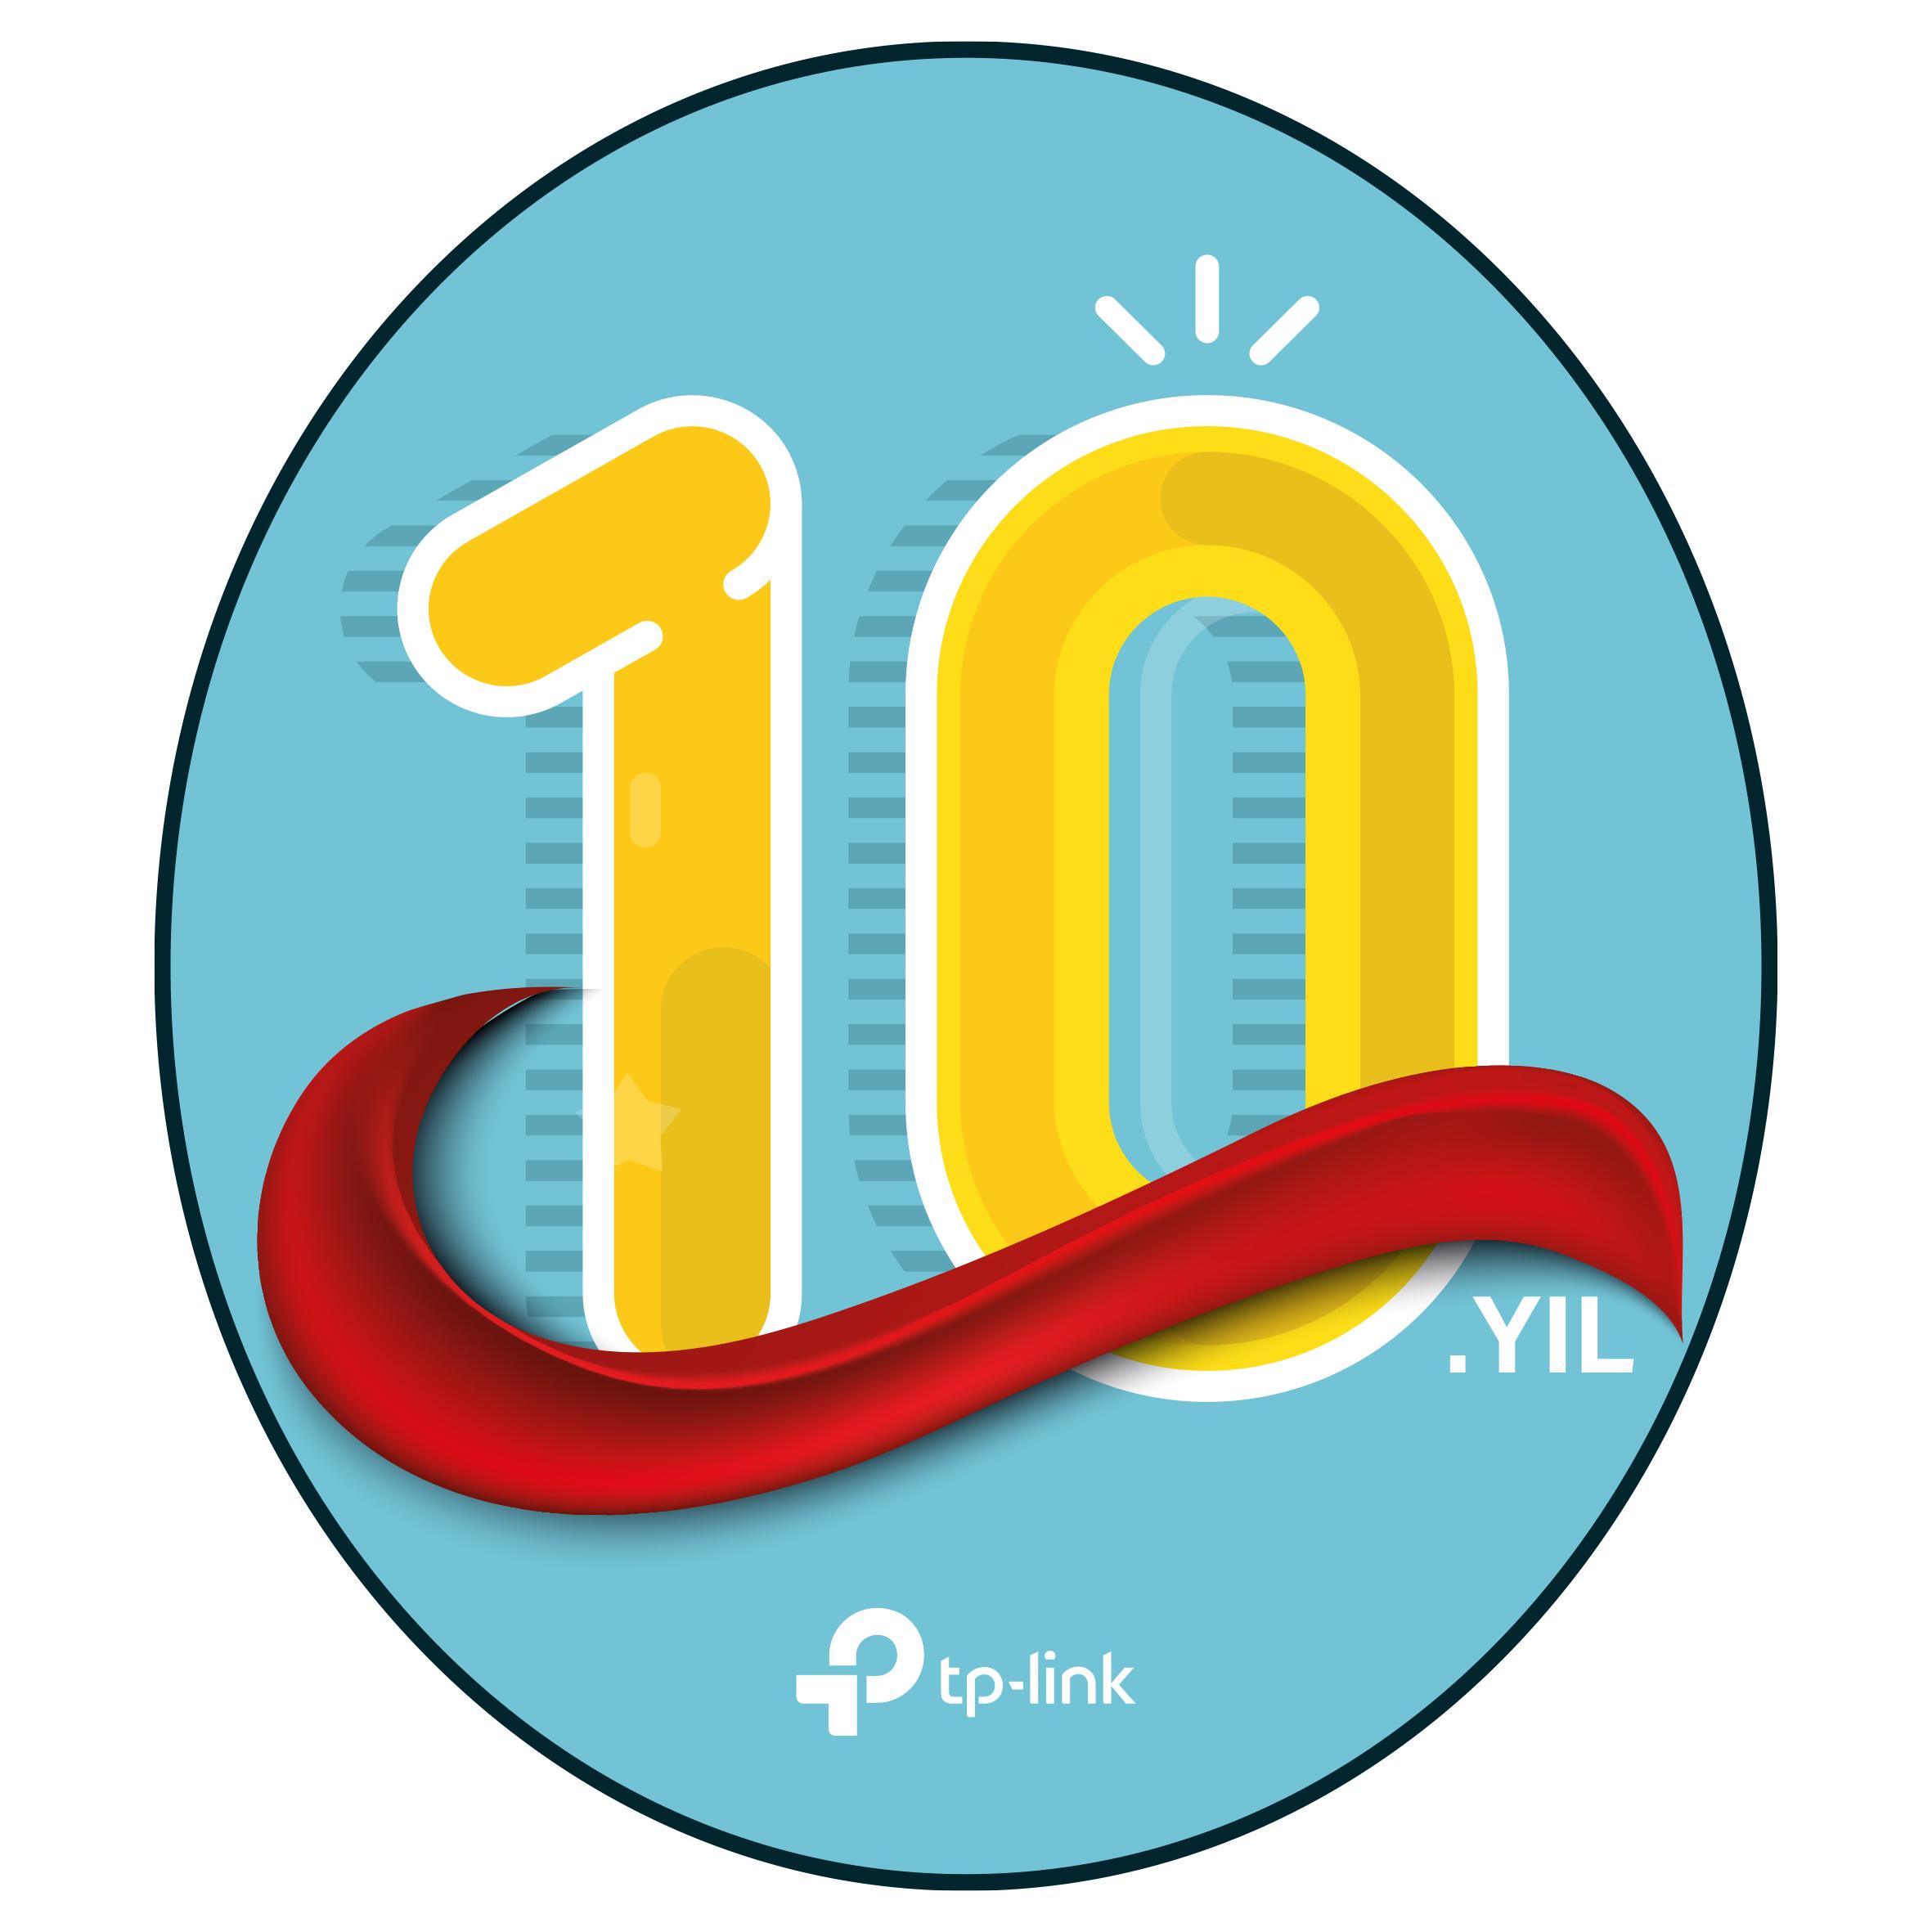 tp link 10. yıl logo